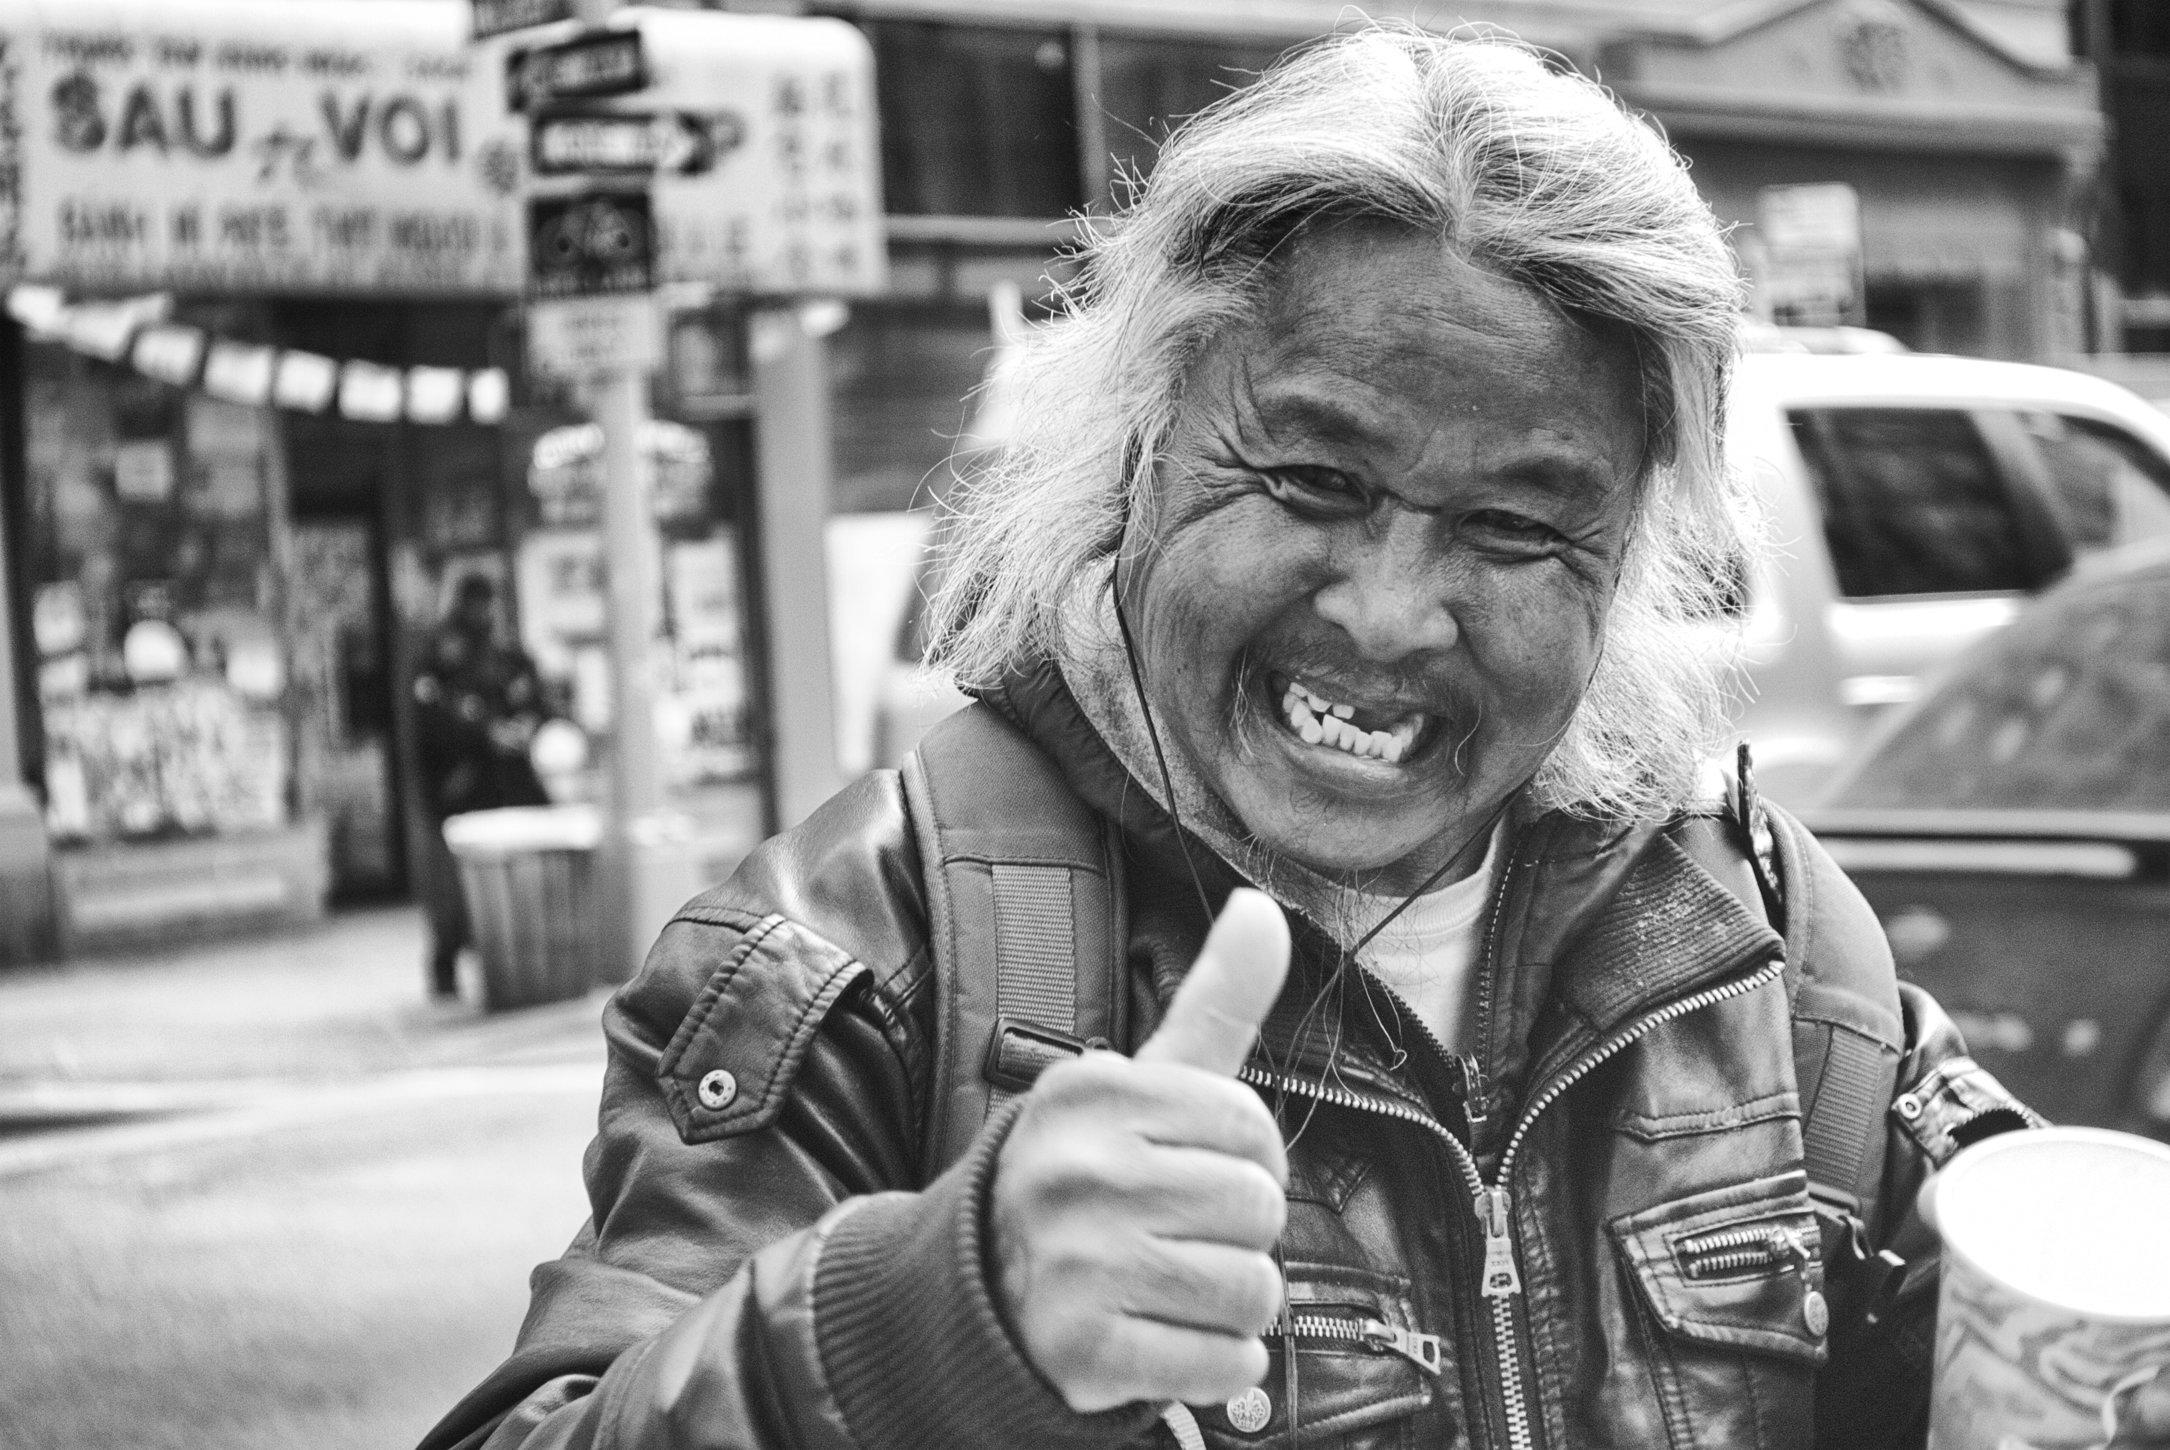 chinatownman0033.jpeg